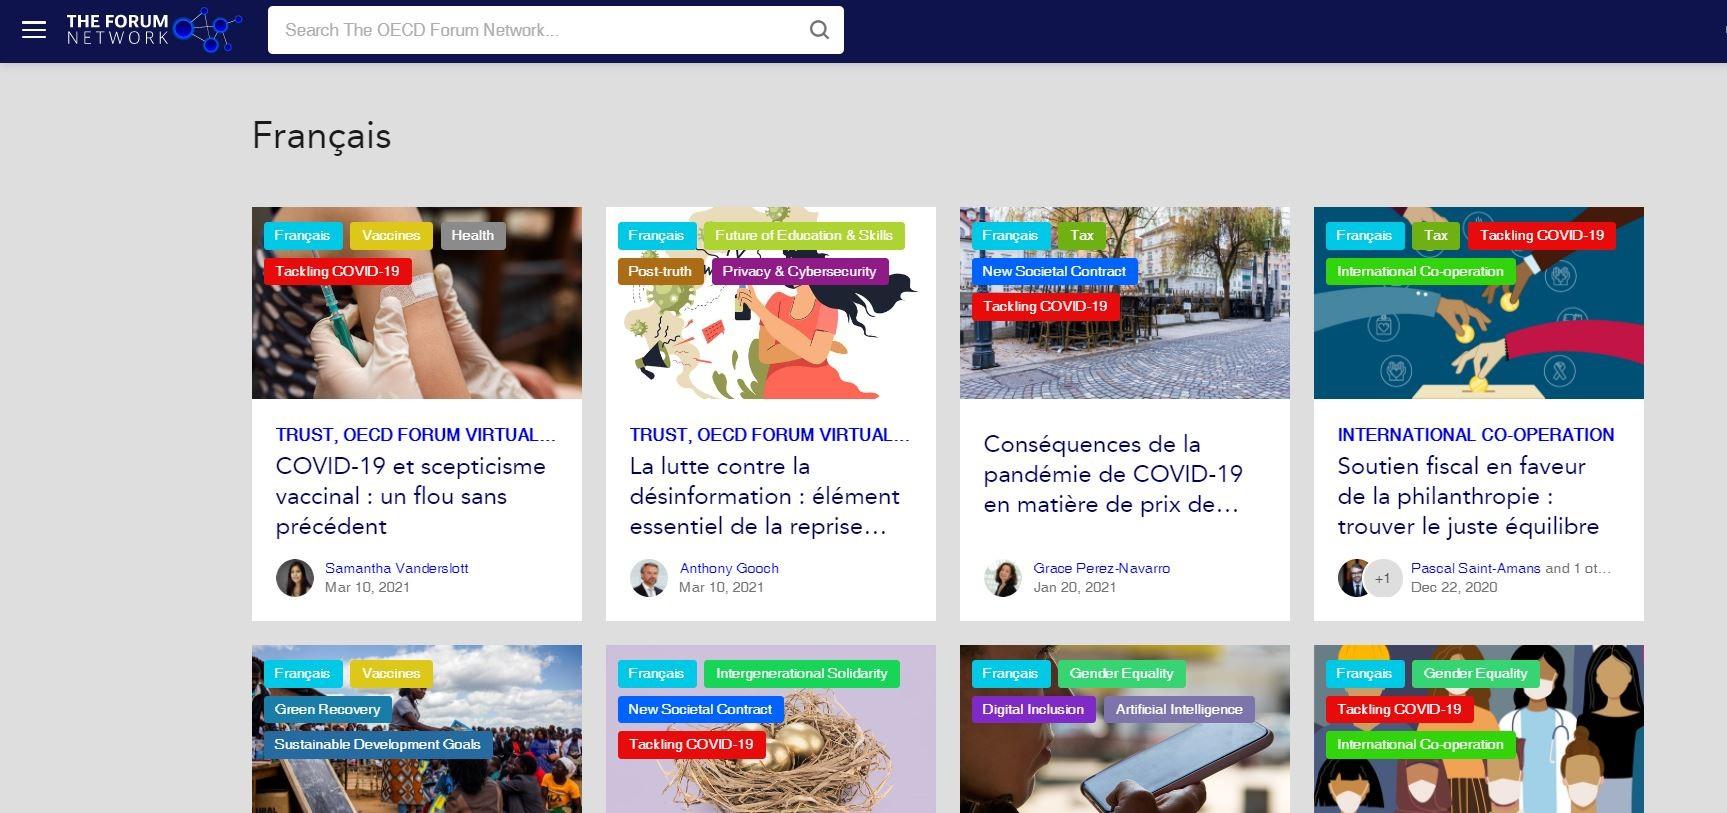 En savoir plus en français sur le Forum Network